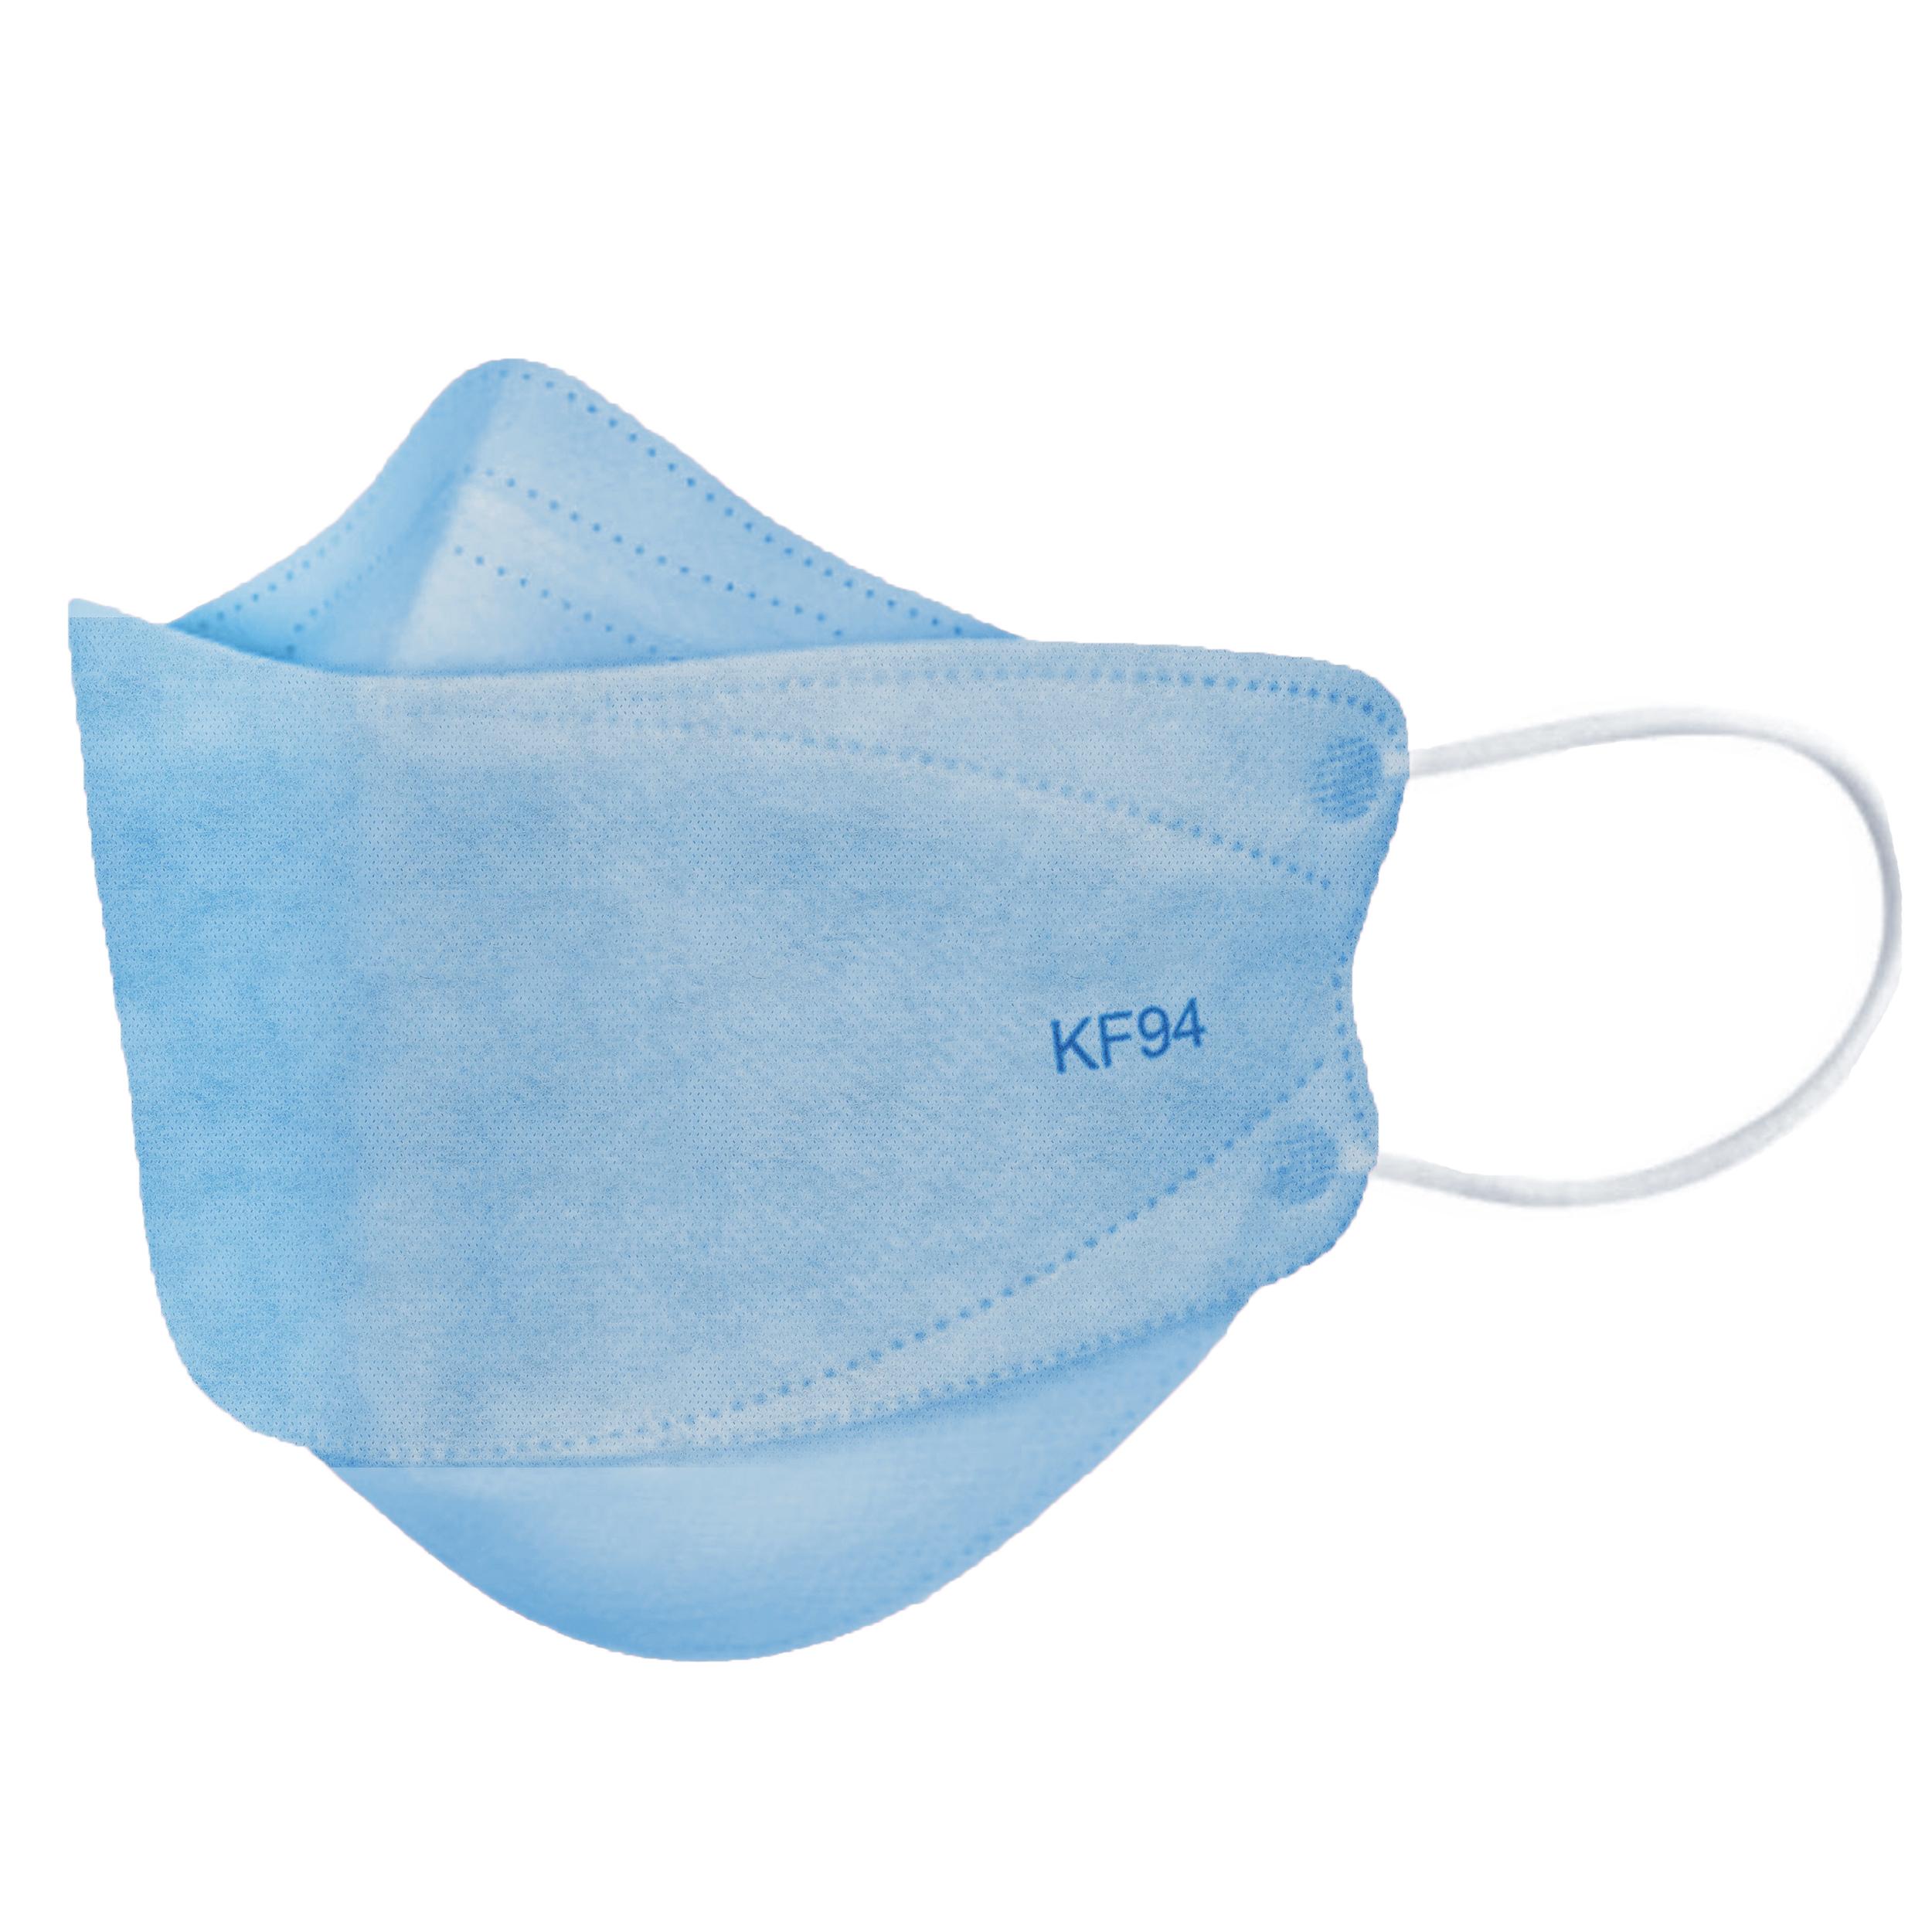 ماسک تنفسی کد 0062AB بسته 25 عددی